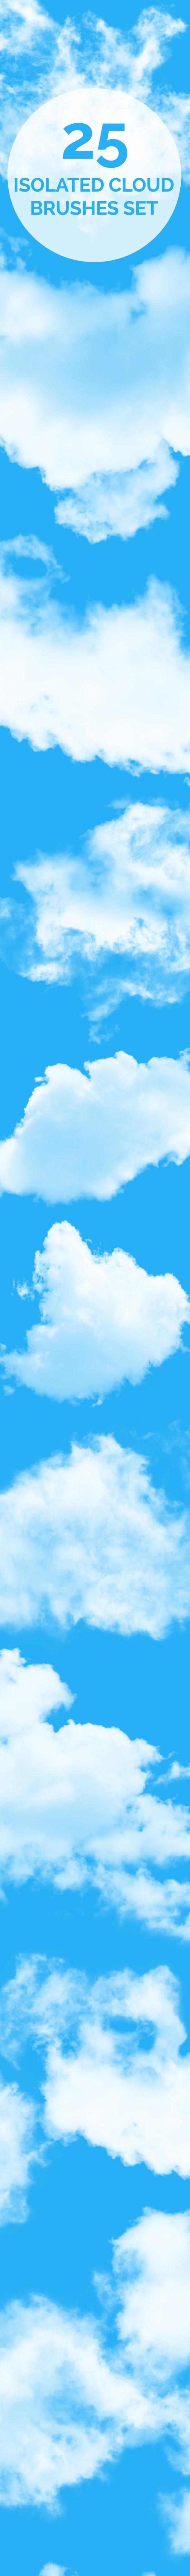 25 isolated cloud brushes - Brushes Photoshop